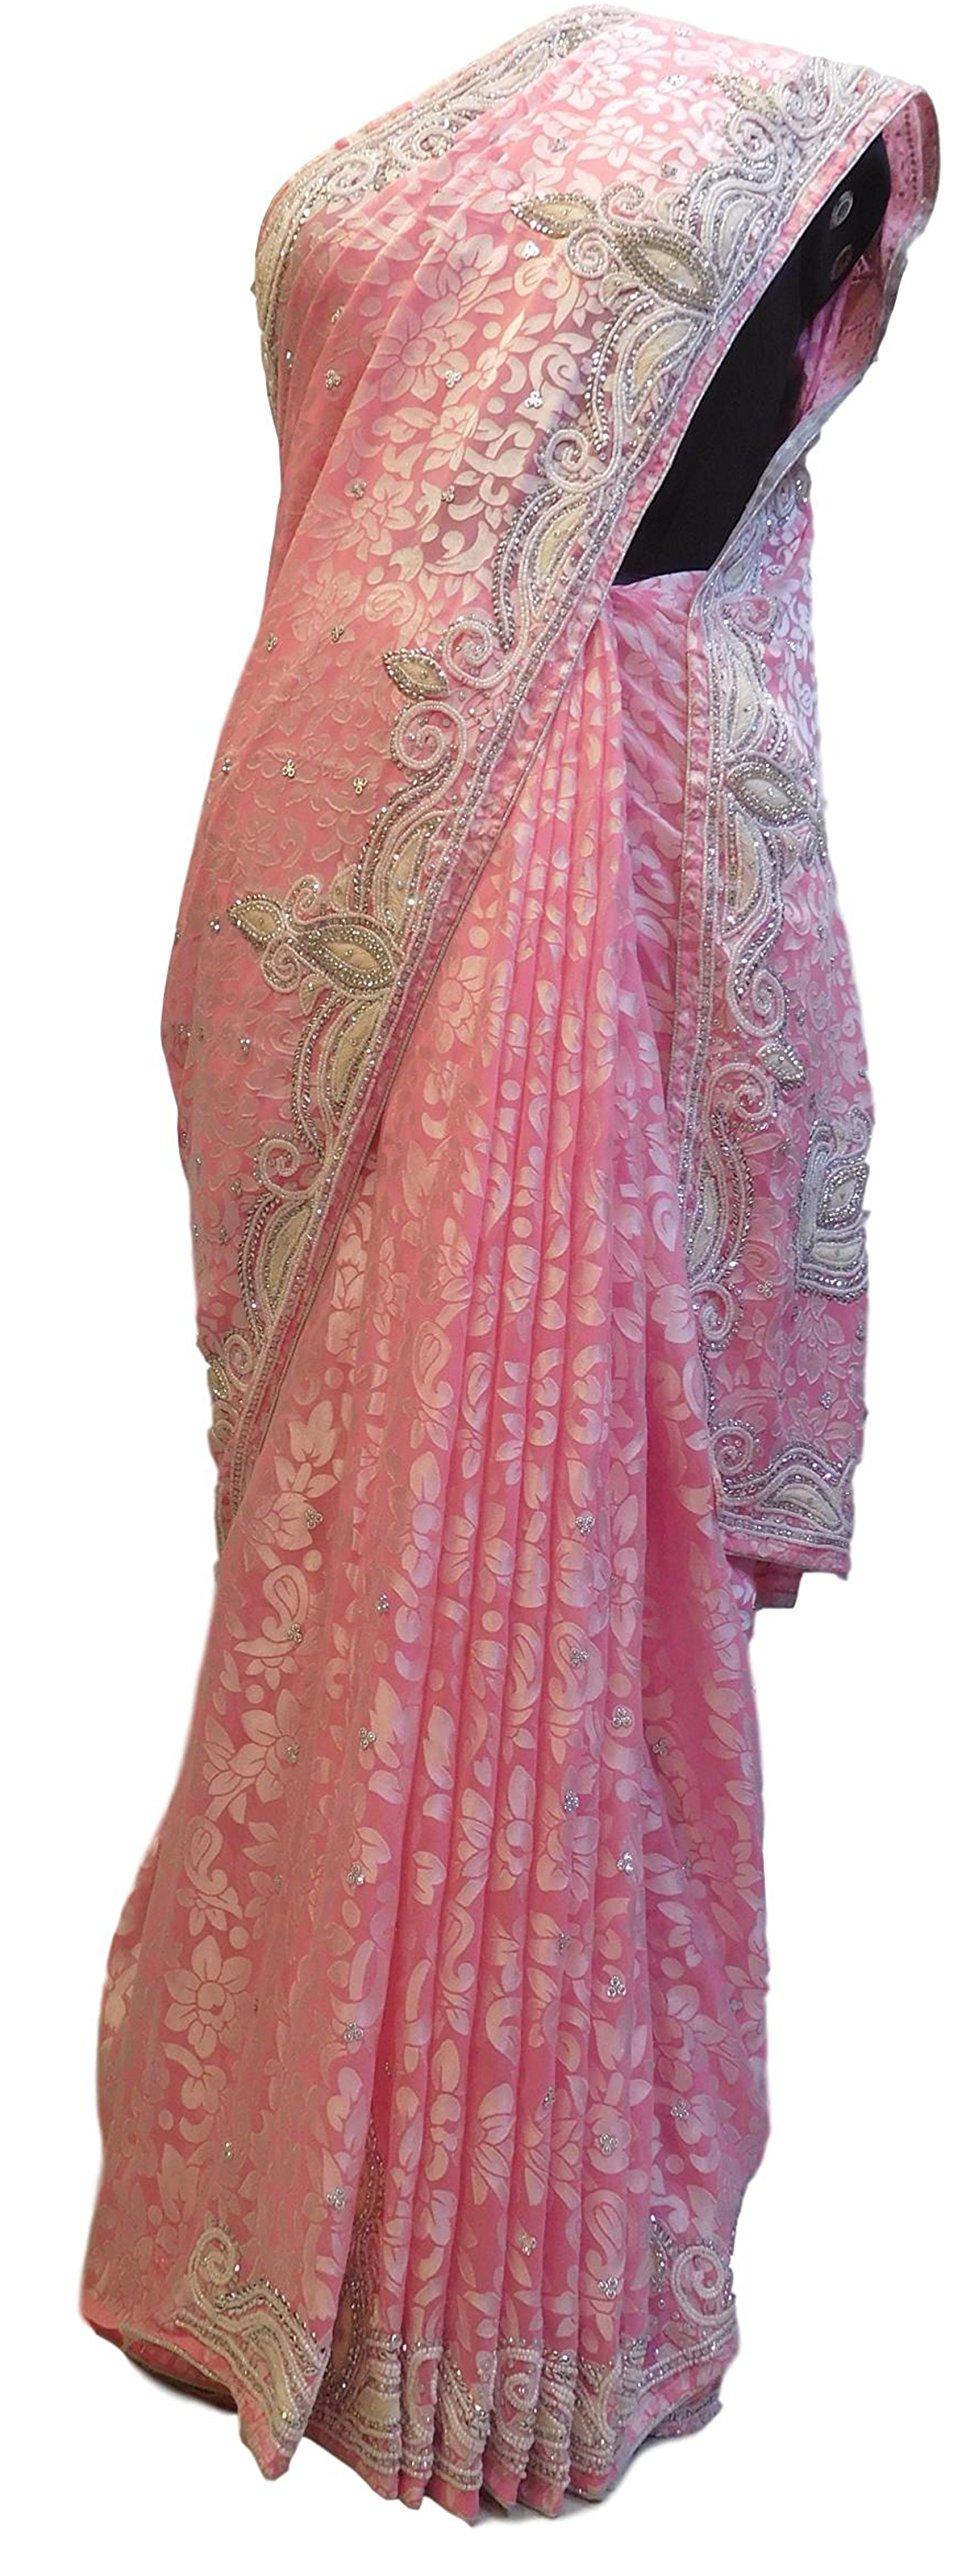 SMSAREE Pink Designer Bridal PartyWear Brasso Thread Beads Stone Work Wedding Saree Sari E012